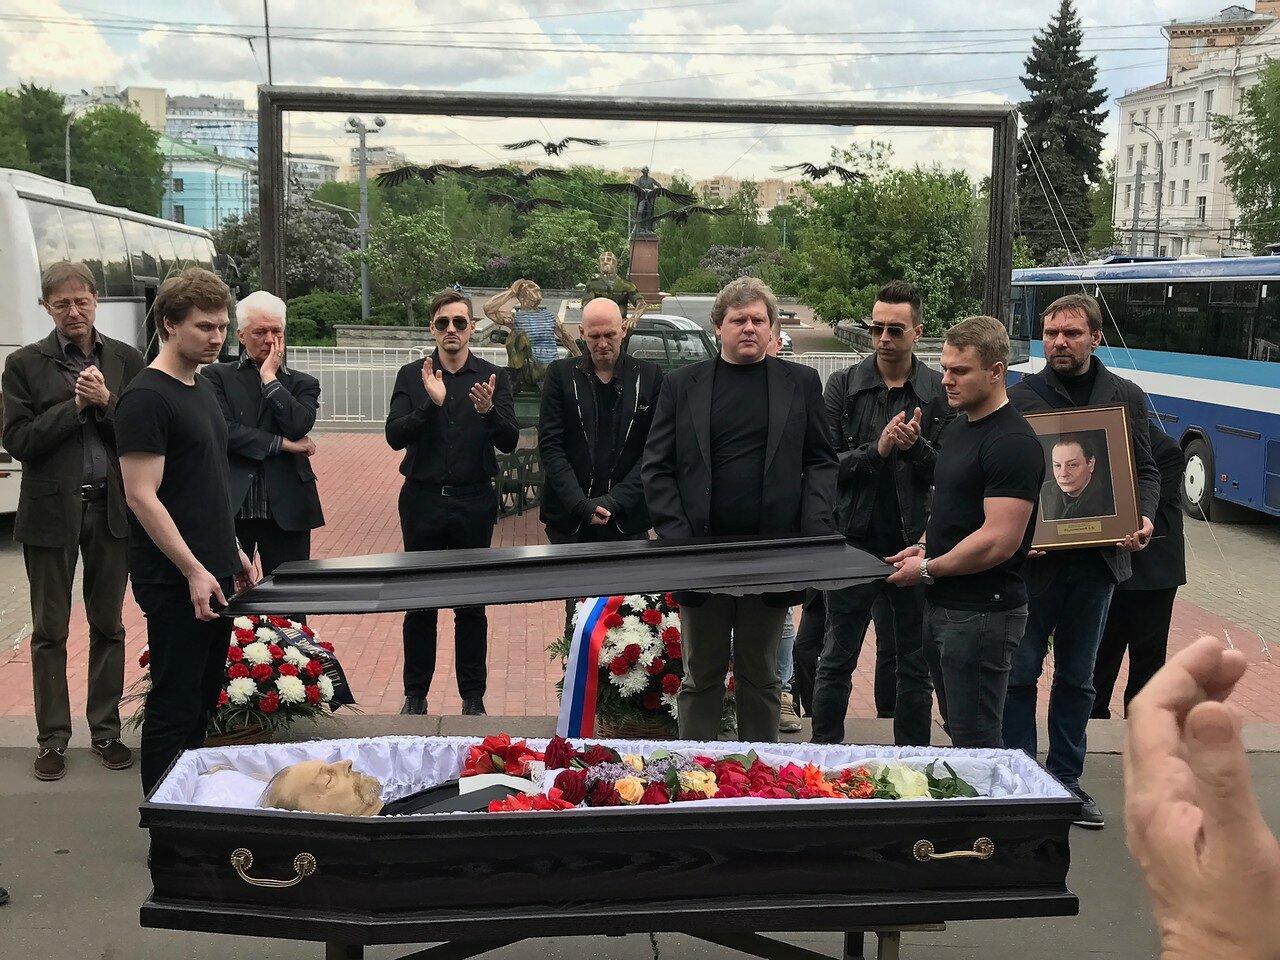 Прощание с Сашей Бурдонским, 26.05.2017, ЦАТРА